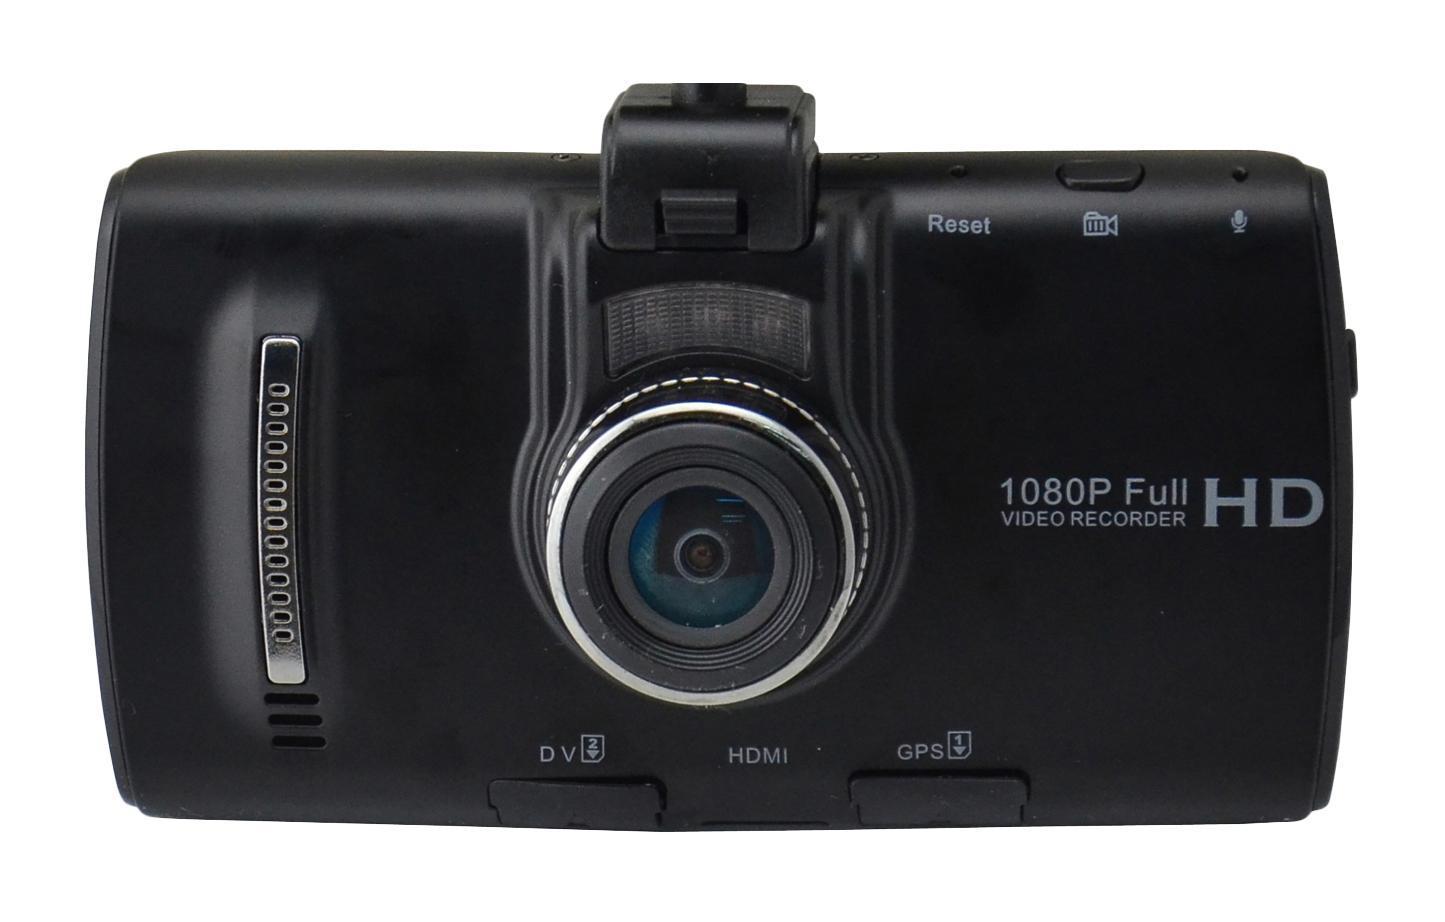 Supra SCR-1000NAD Navitel видеорегистратор7346SUPRA SCR-1000NAD – это и навигатор, и регистратор, и планшет одновременно. Решение само по себе смелое, инновационное и нужное. Но, самое главное, продуманное и комплексное. Это не компот из нескольких компонентов, а сочетание трех полноценных устройств в одном. Смотрите, от регистратора здесь камера 2МП с потрясающим углом обзора 170 градусов, разрешением 1920х1080 (30 кадров в секунду) и светодиодной подсветкой. От навигатора – модуль GPS с новейшим ПО Навител. Наконец, от планшета – 4-х дюймовый цветной экран с функцией Touch Screen и операционная система Android.